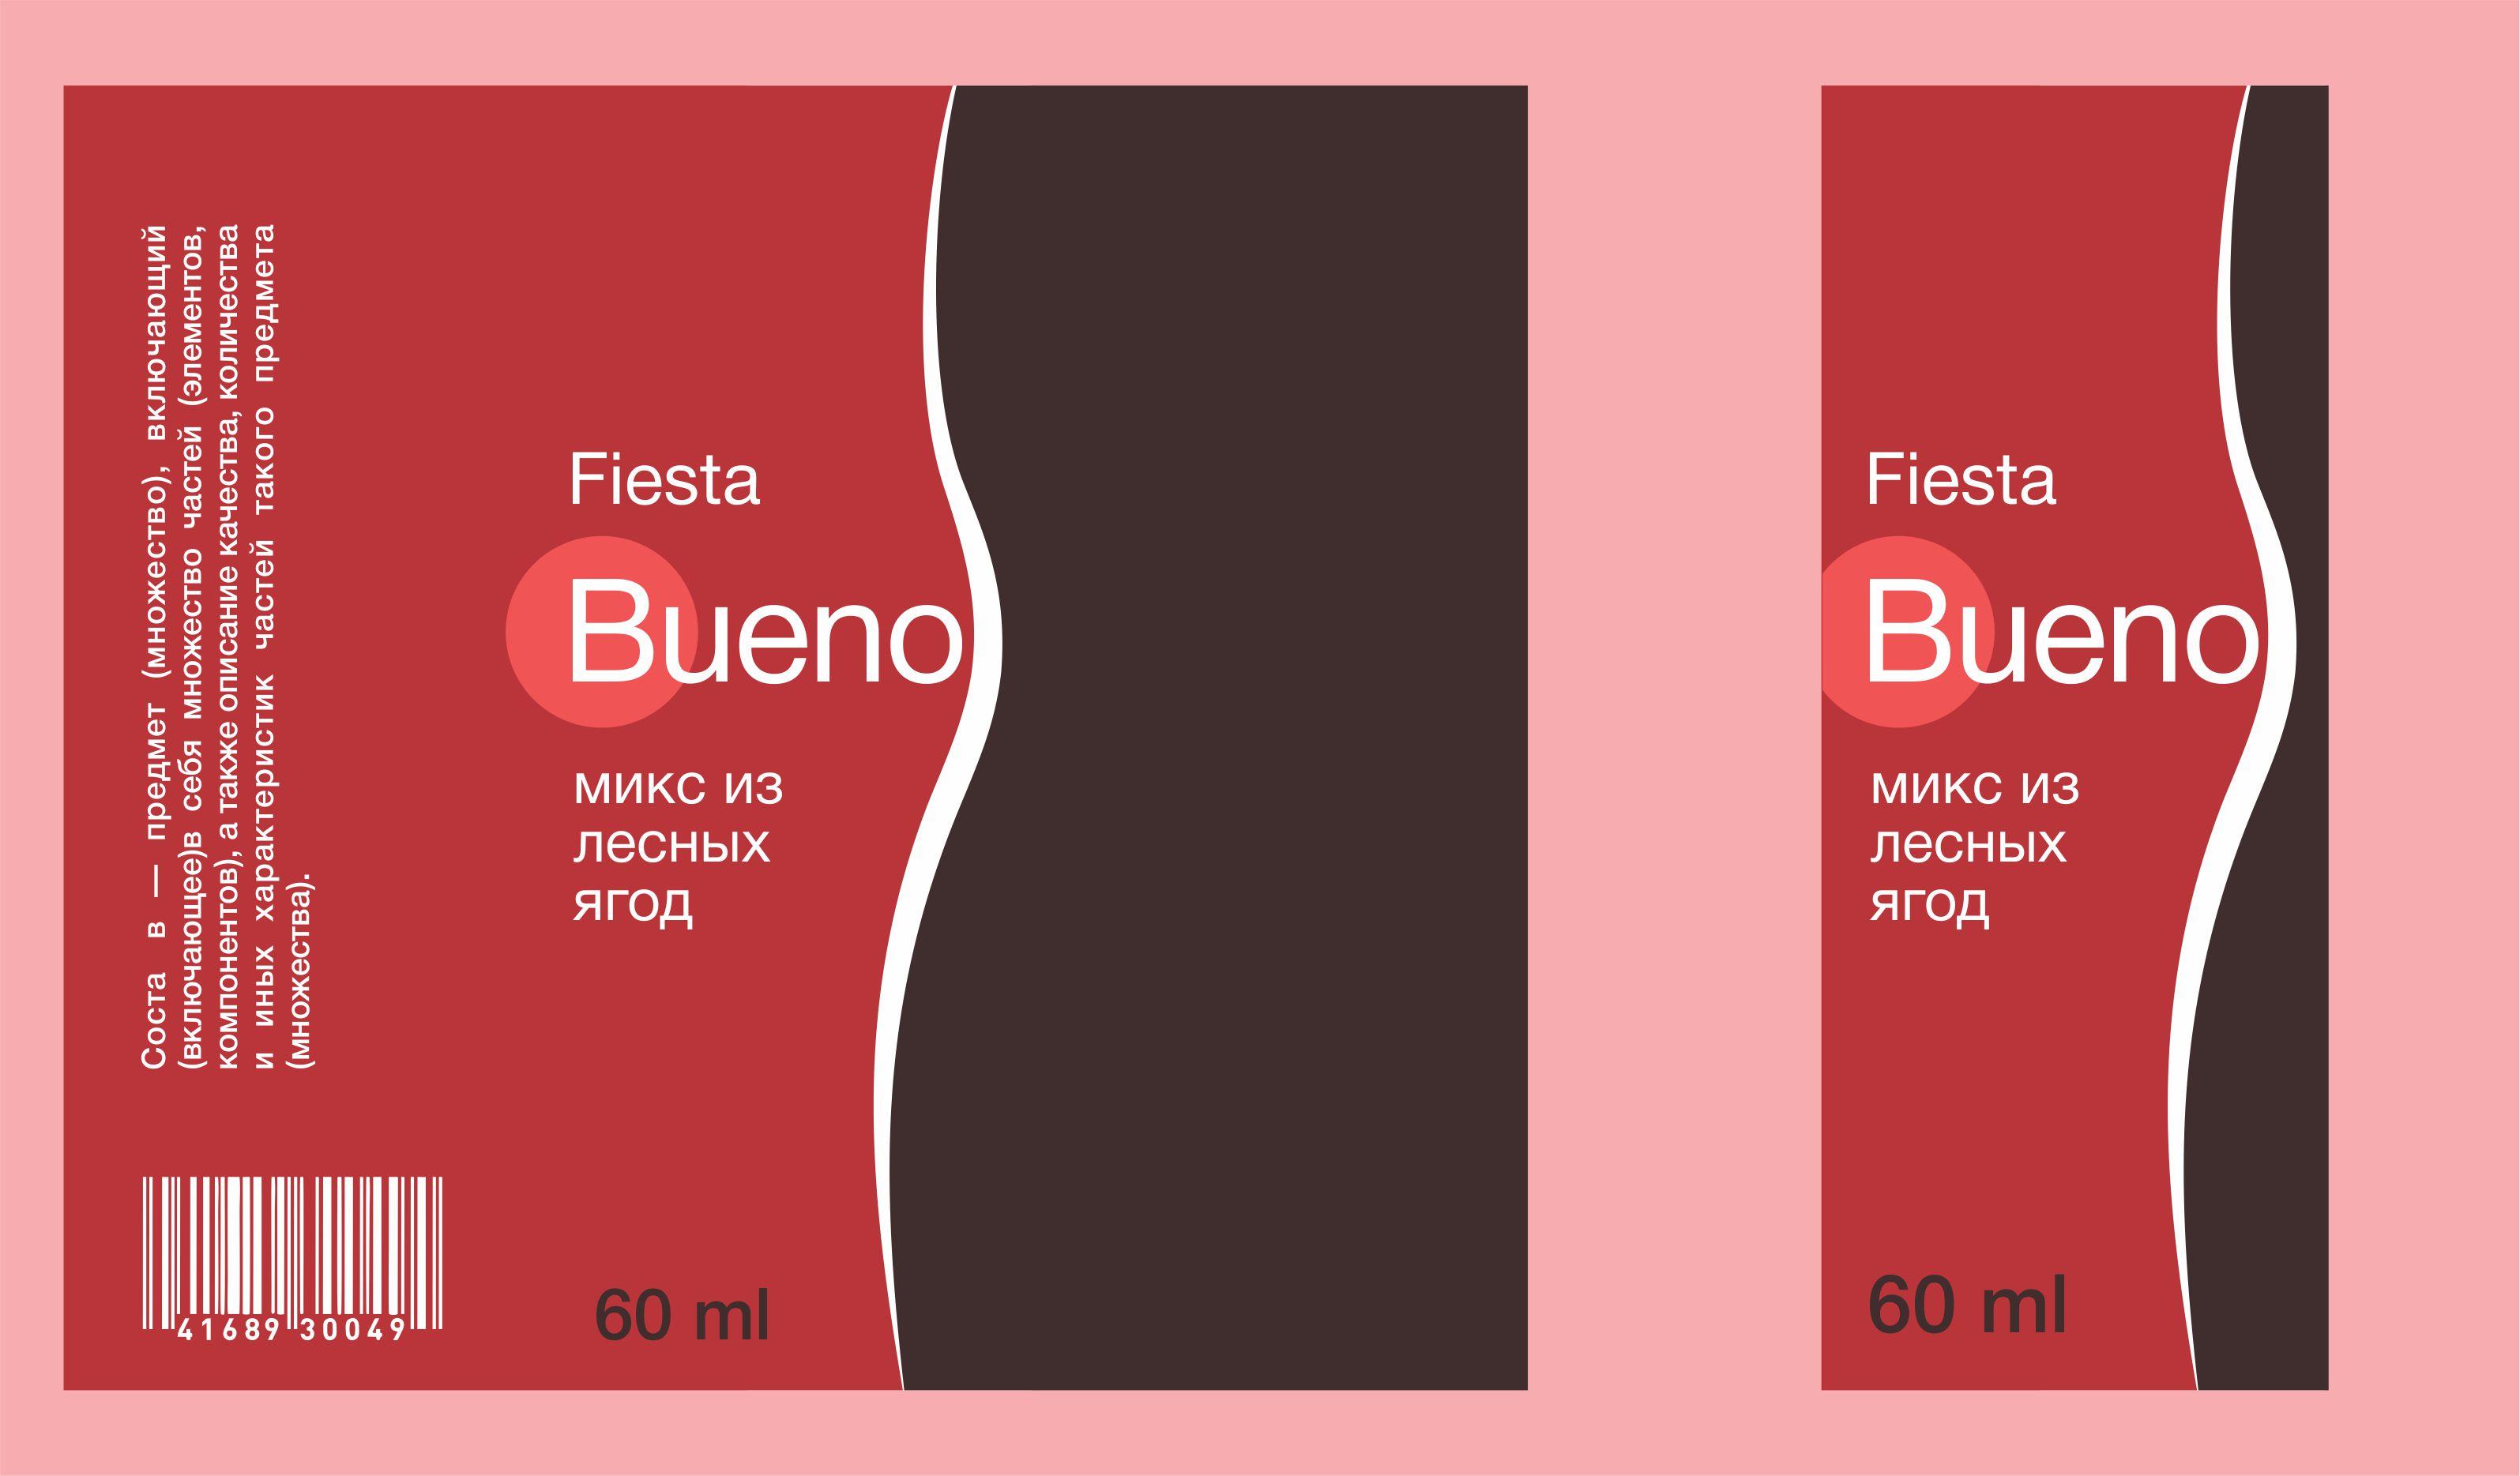 Этикетка для жидкости электронных сигарет  фото f_34158fb27797e535.jpg